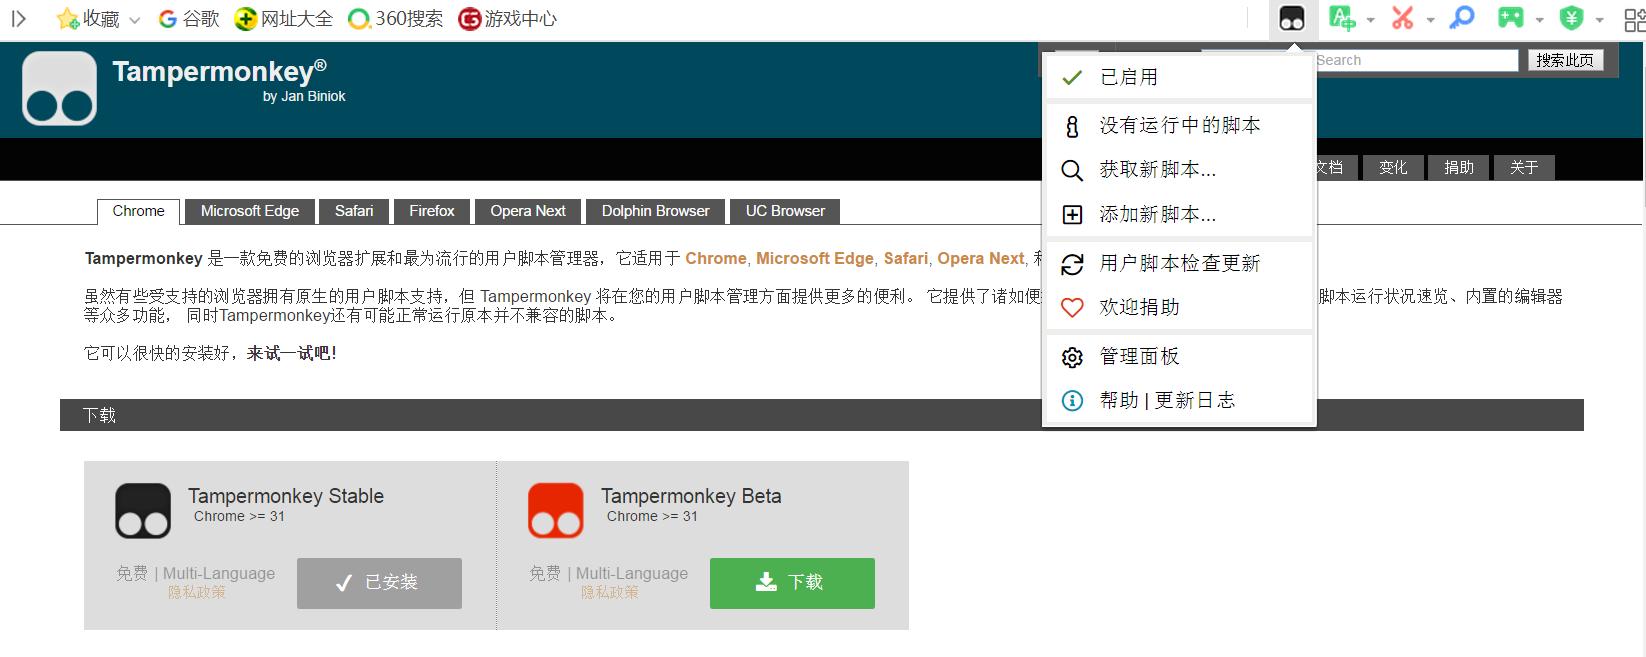 最好用的浏览器用户脚本管理器:Tampermonkey(油猴插件)